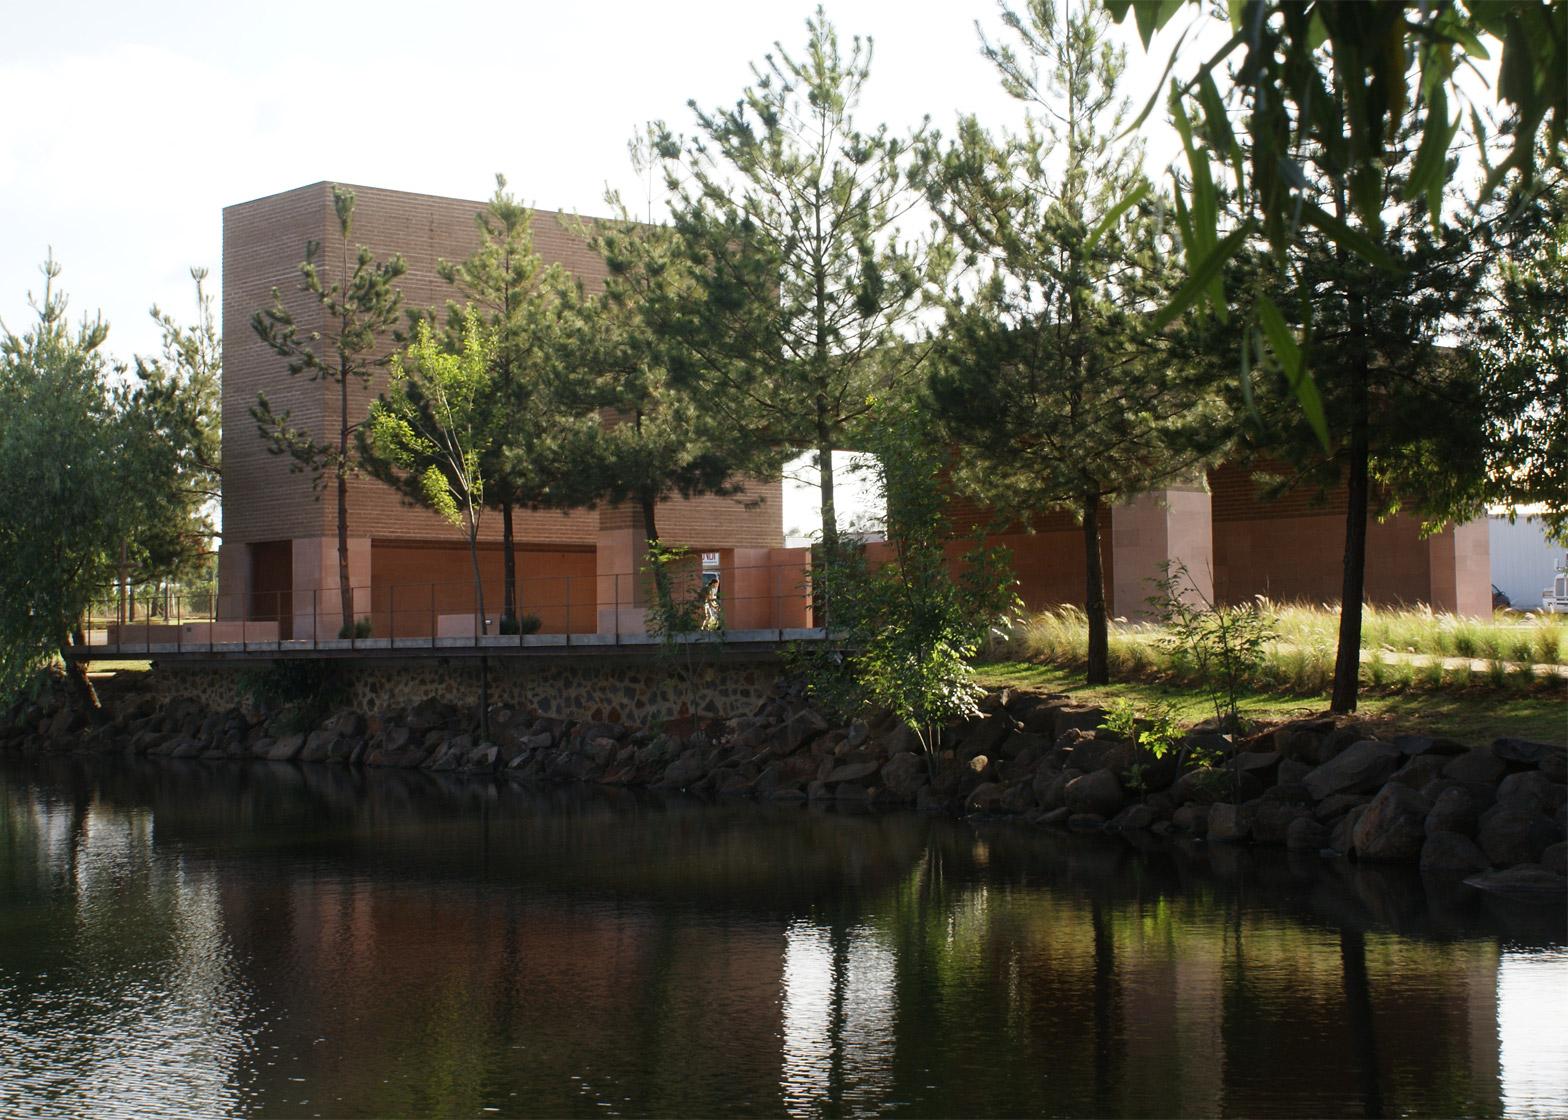 Estudio Ala Completes Terracotta Chapel At A Tequila Factory photo